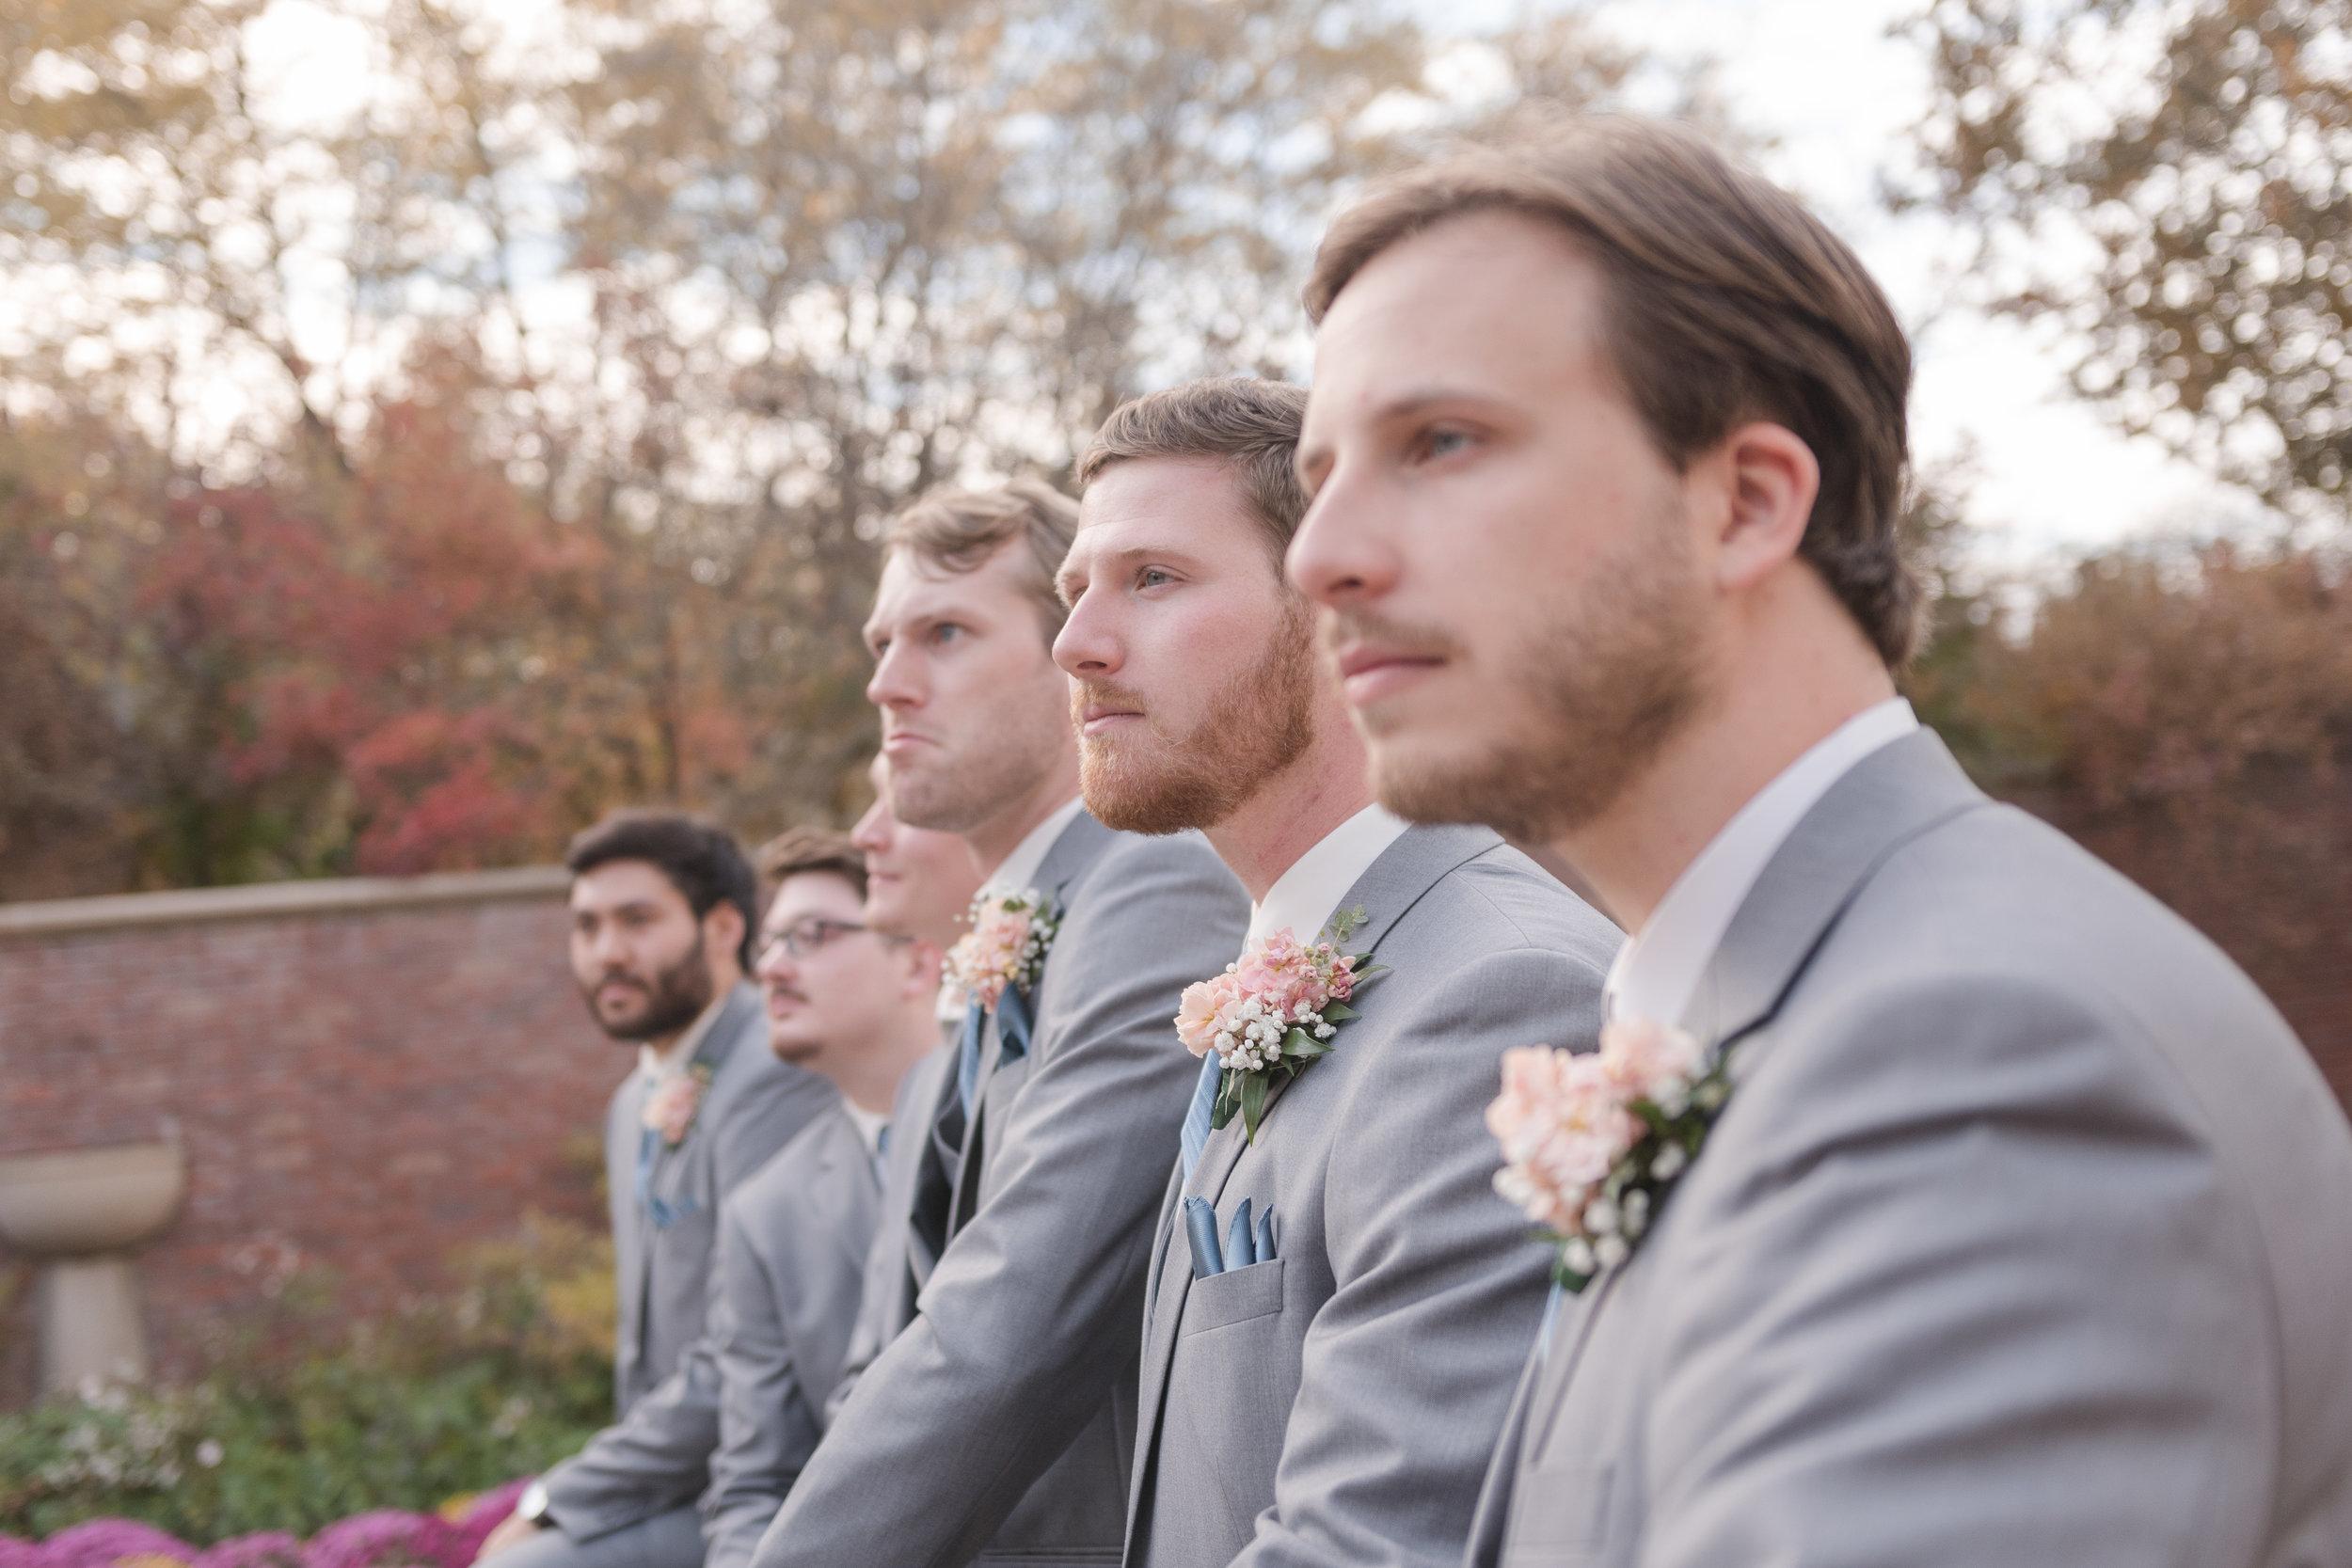 C_Wedding_Spellman, Megan & Tyler_10.27.18-2695.JPG